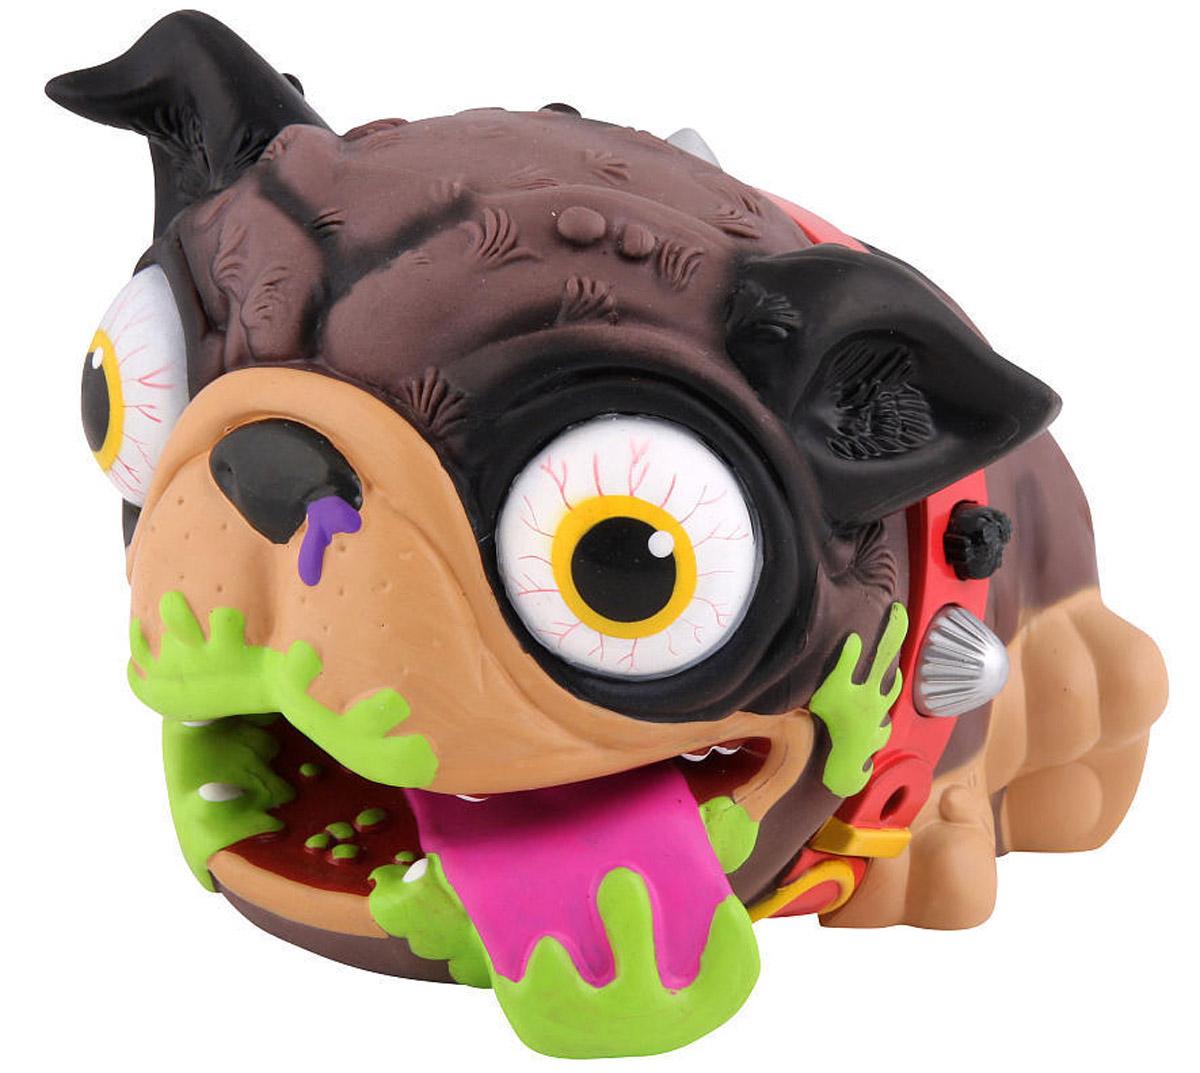 The Ugglys Электронная игрушка Мопс цвет ошейника красный - Интерактивные игрушки